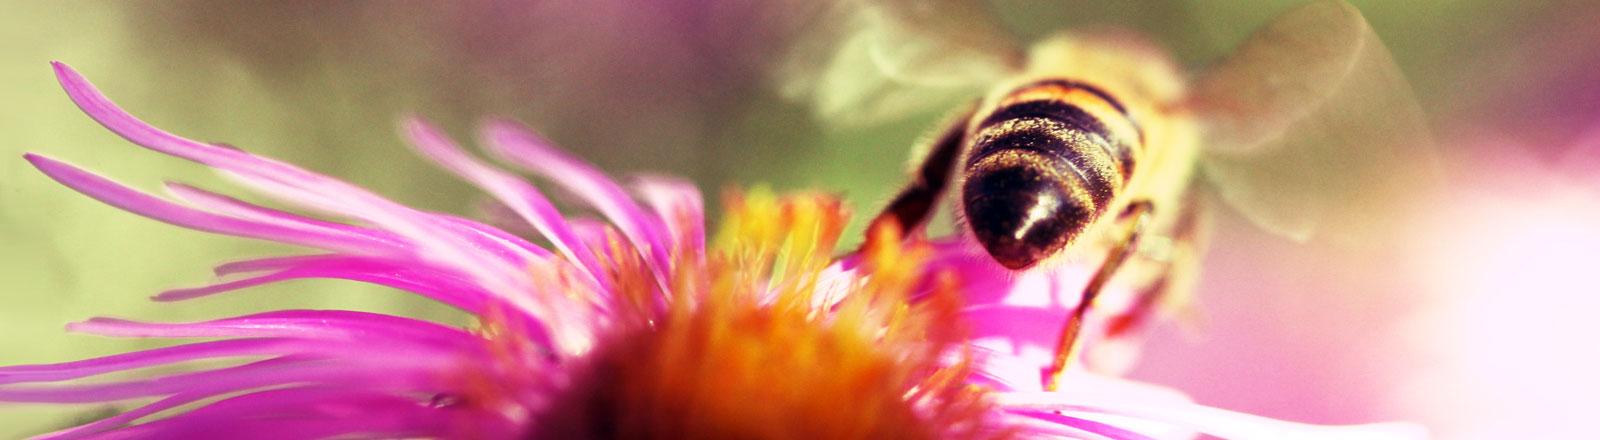 Eine Biene fliegt von einer Blüte los.